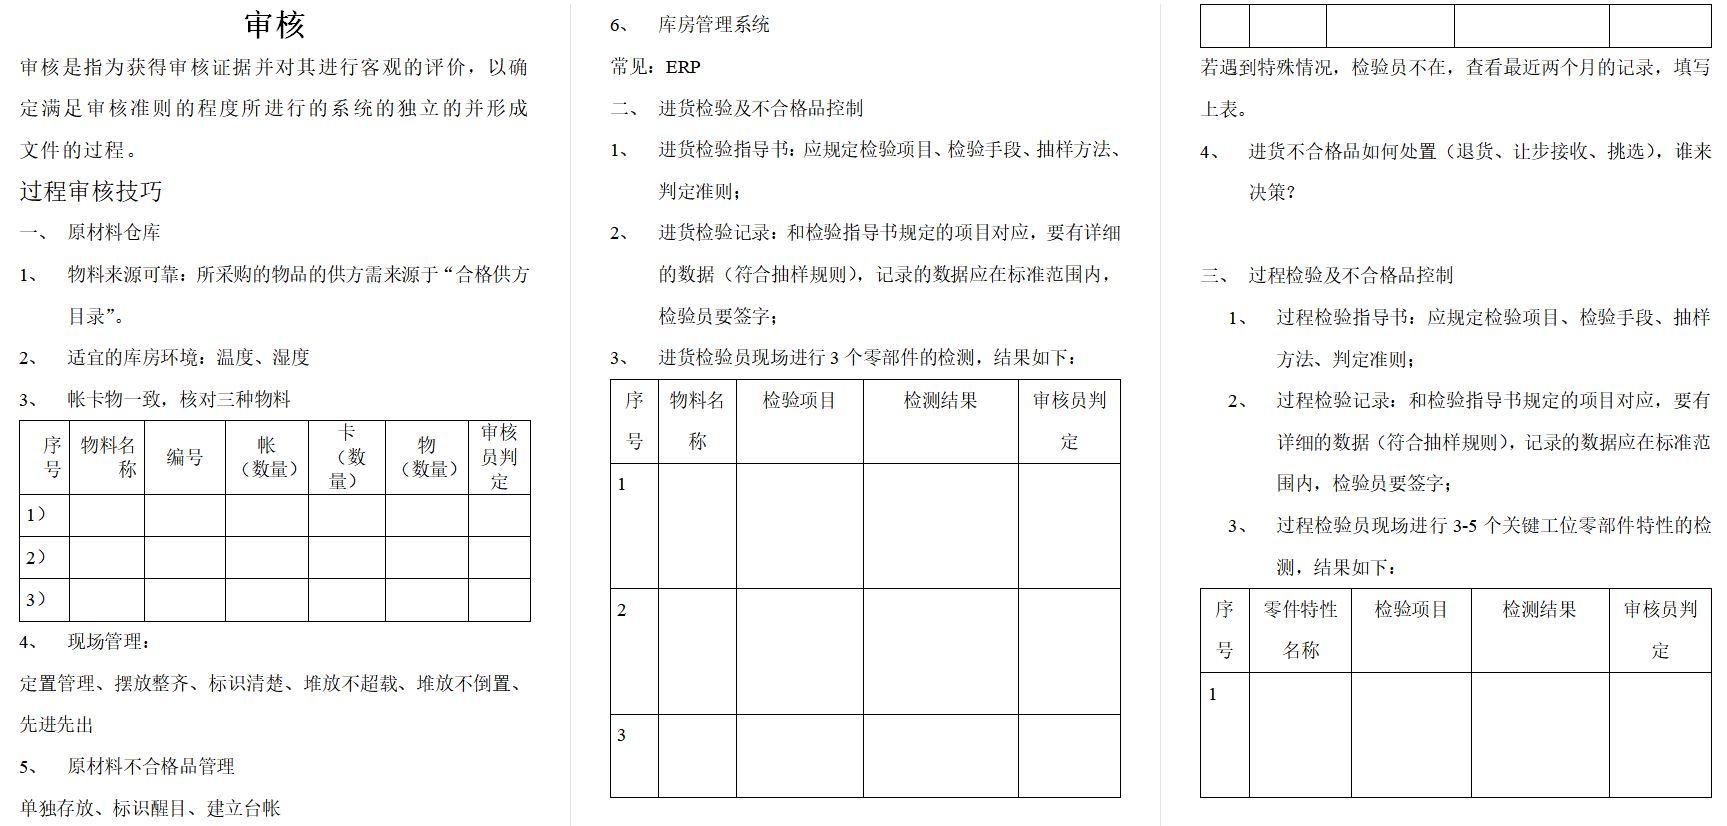 供应商现场审核流程与技巧总结(word版本)